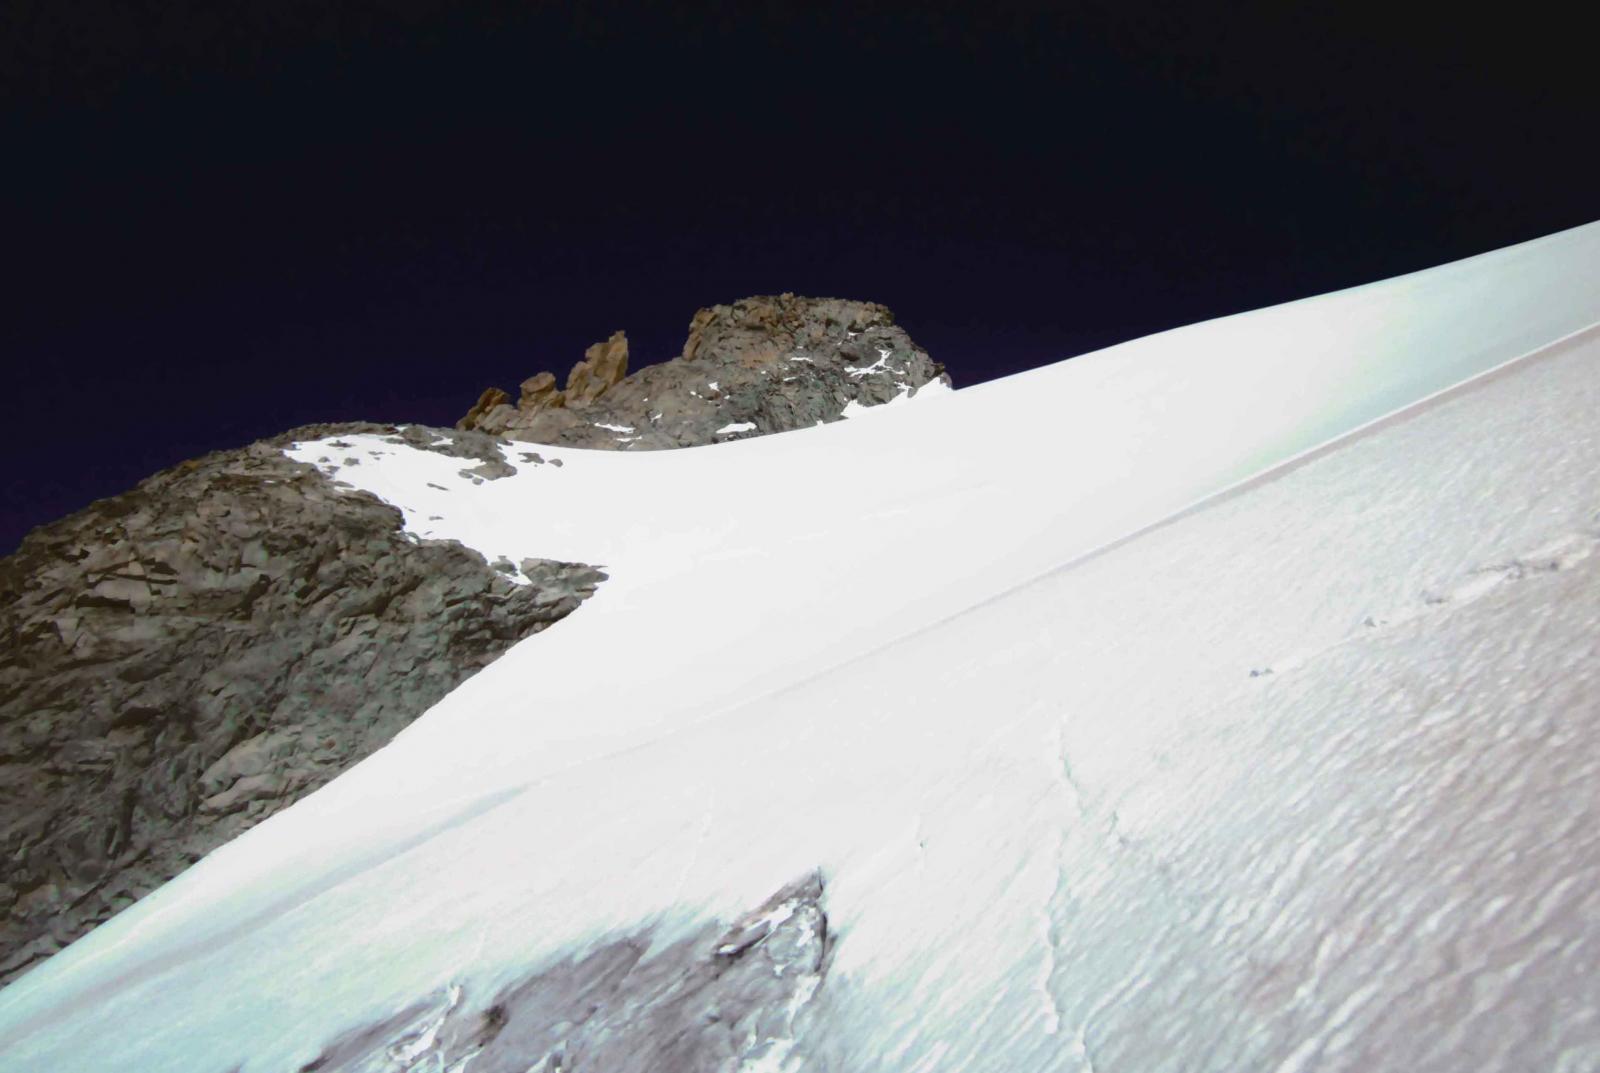 la vetta vista dalla cima della fascia rocciosa